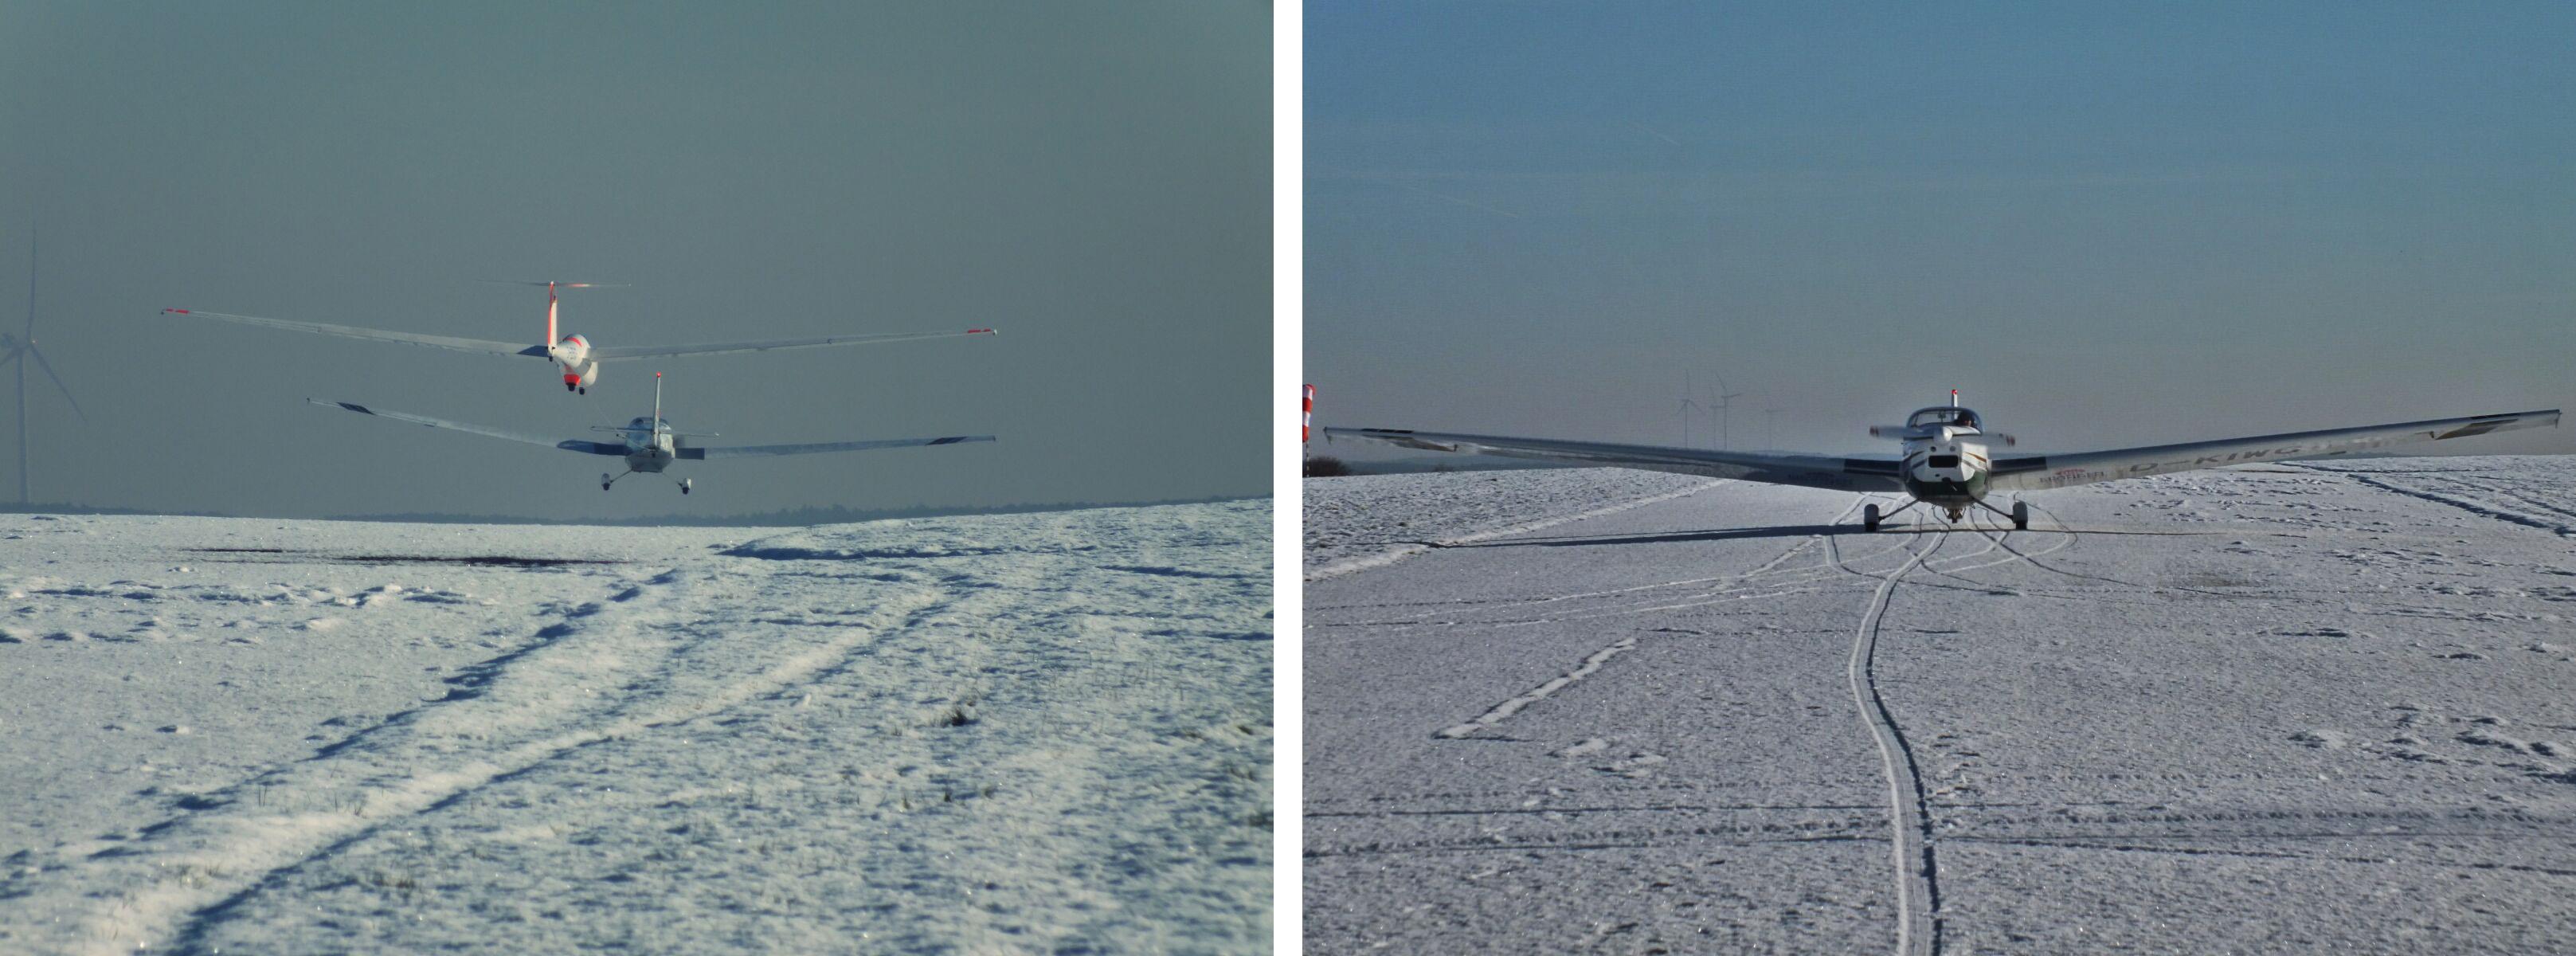 Segelflugschlepp im Schnee